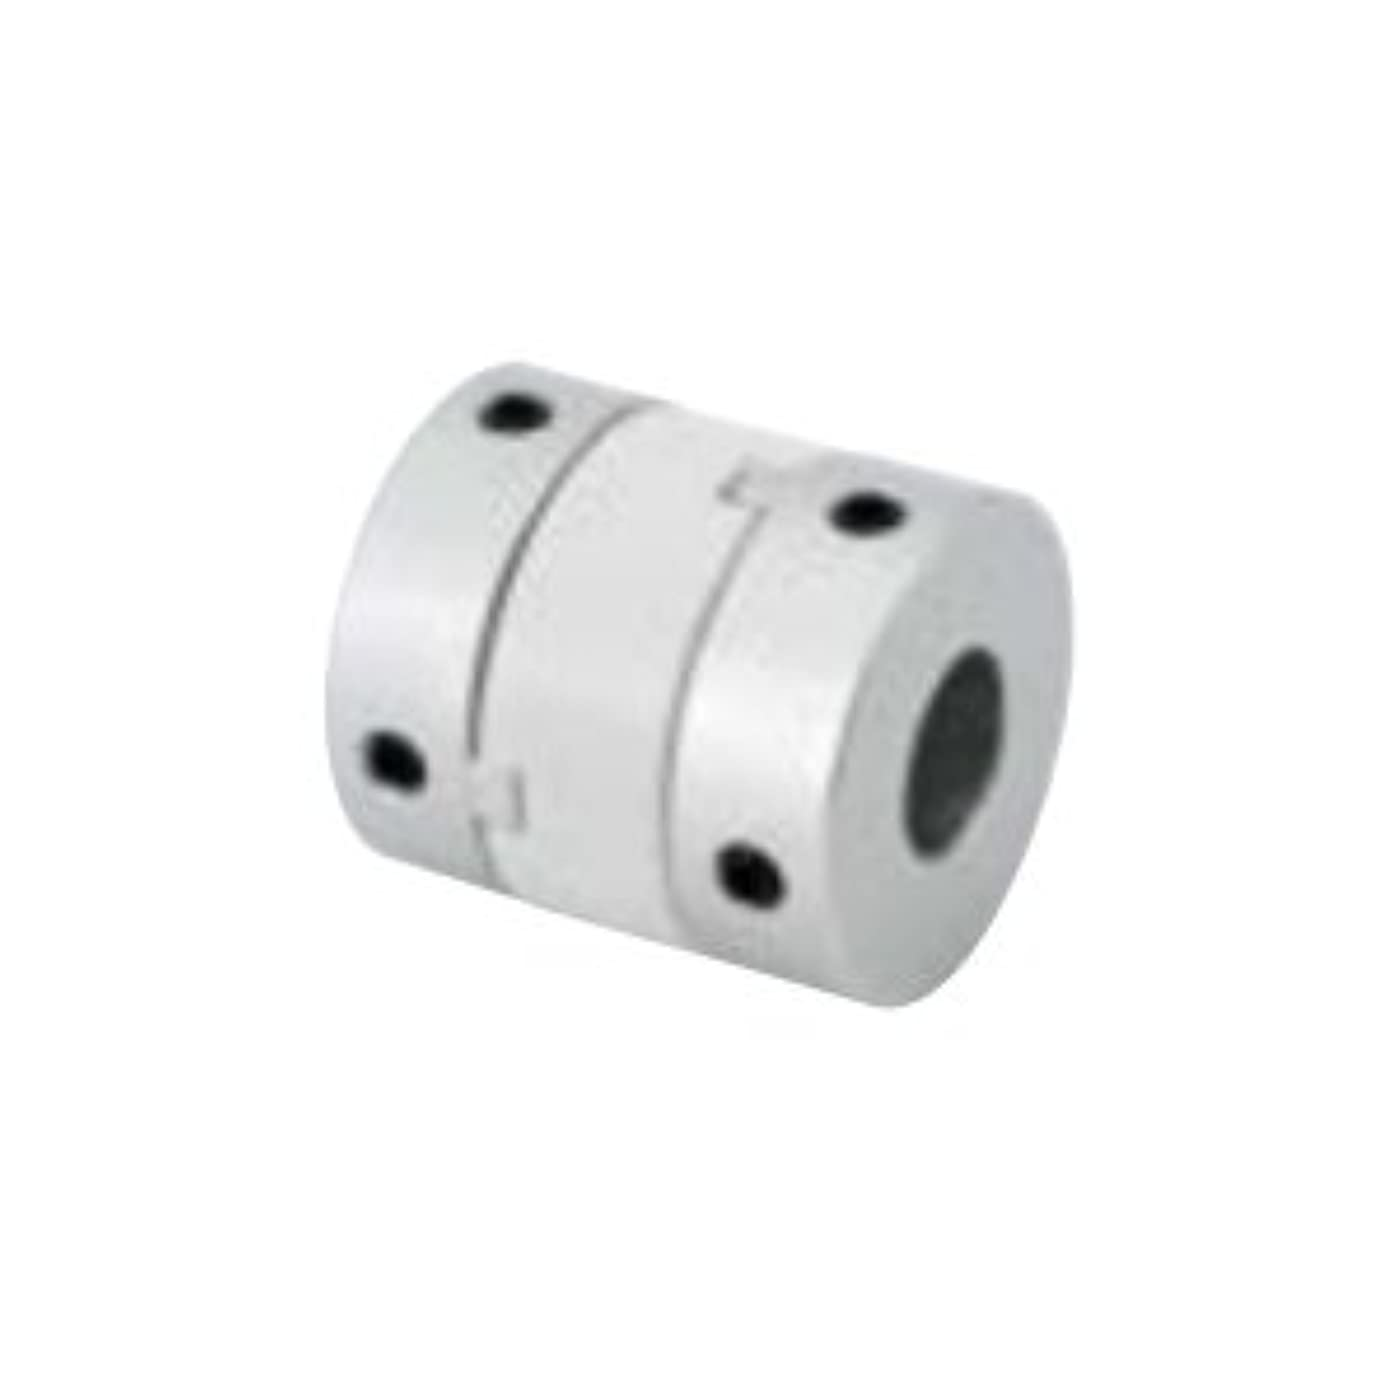 サーキットに行く半導体ニコチン鍋屋バイテック(NBK) オルダムカップリング MOR-20-6X6